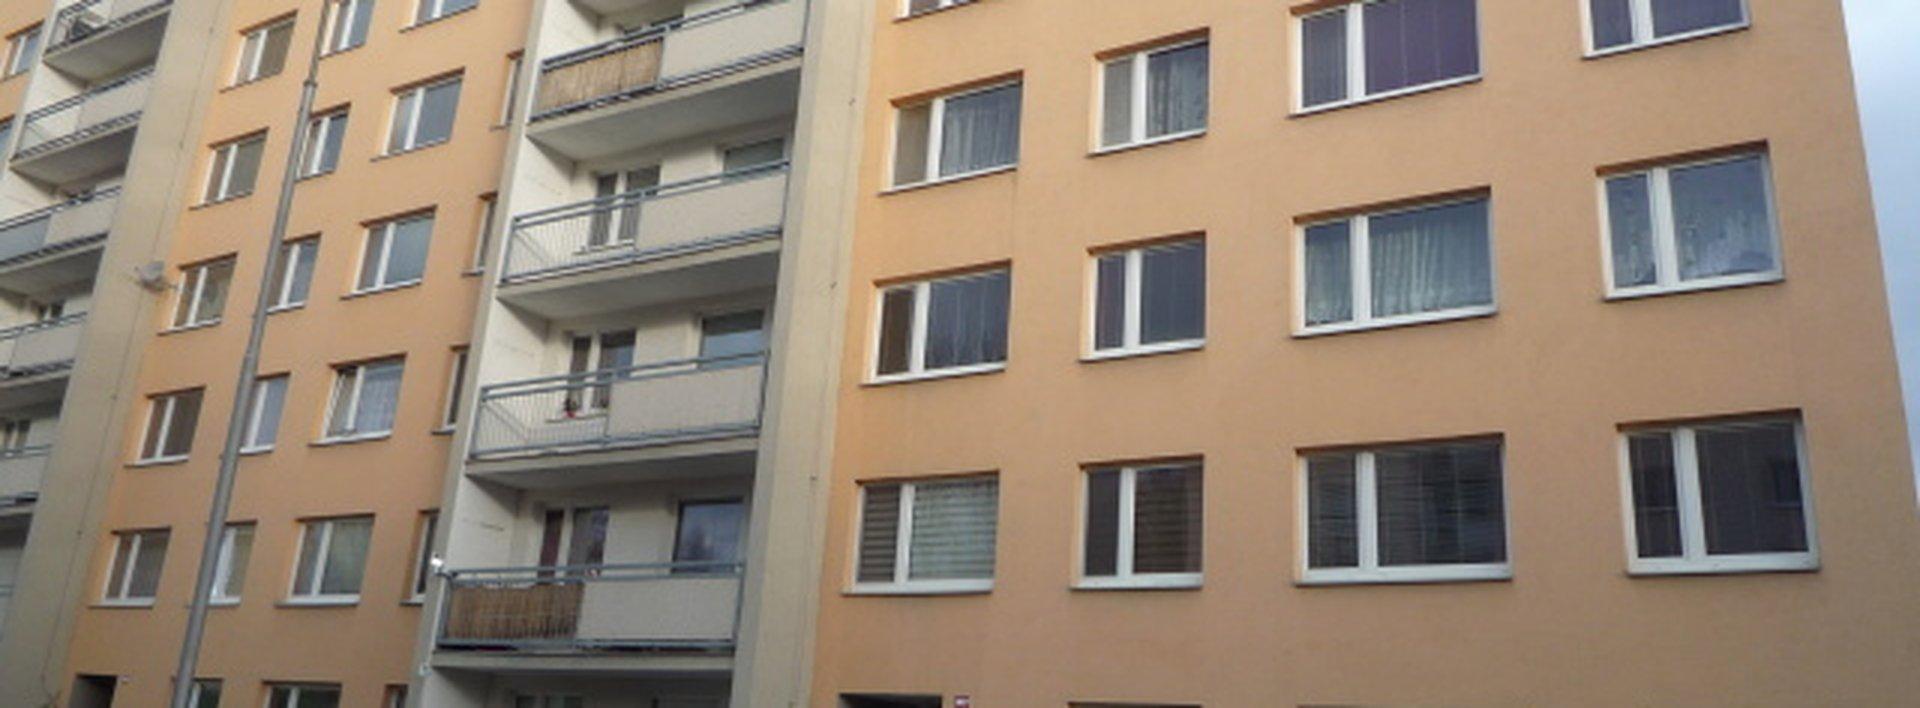 Prodej, Byty 3+1, 72 m², 2. NP (1. patro), ul. Javorová, Nová Ves, Teplice, Ev.č.: N47522